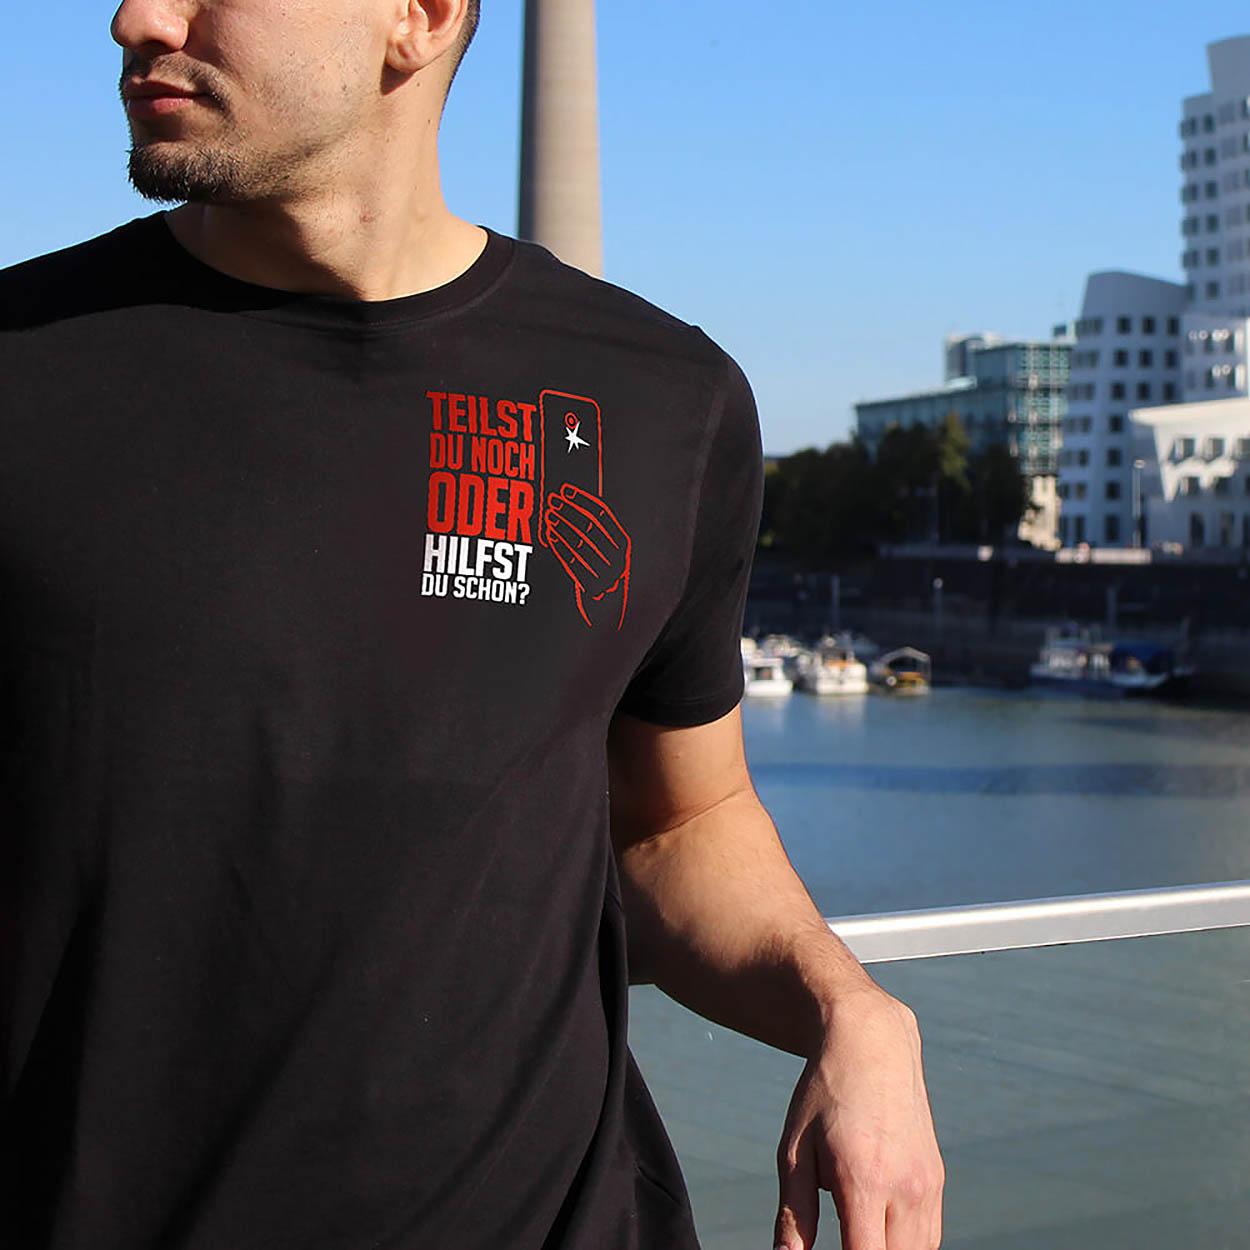 Hilfst Du schon oder teilst Du noch - Männer T-Shirt schwarz